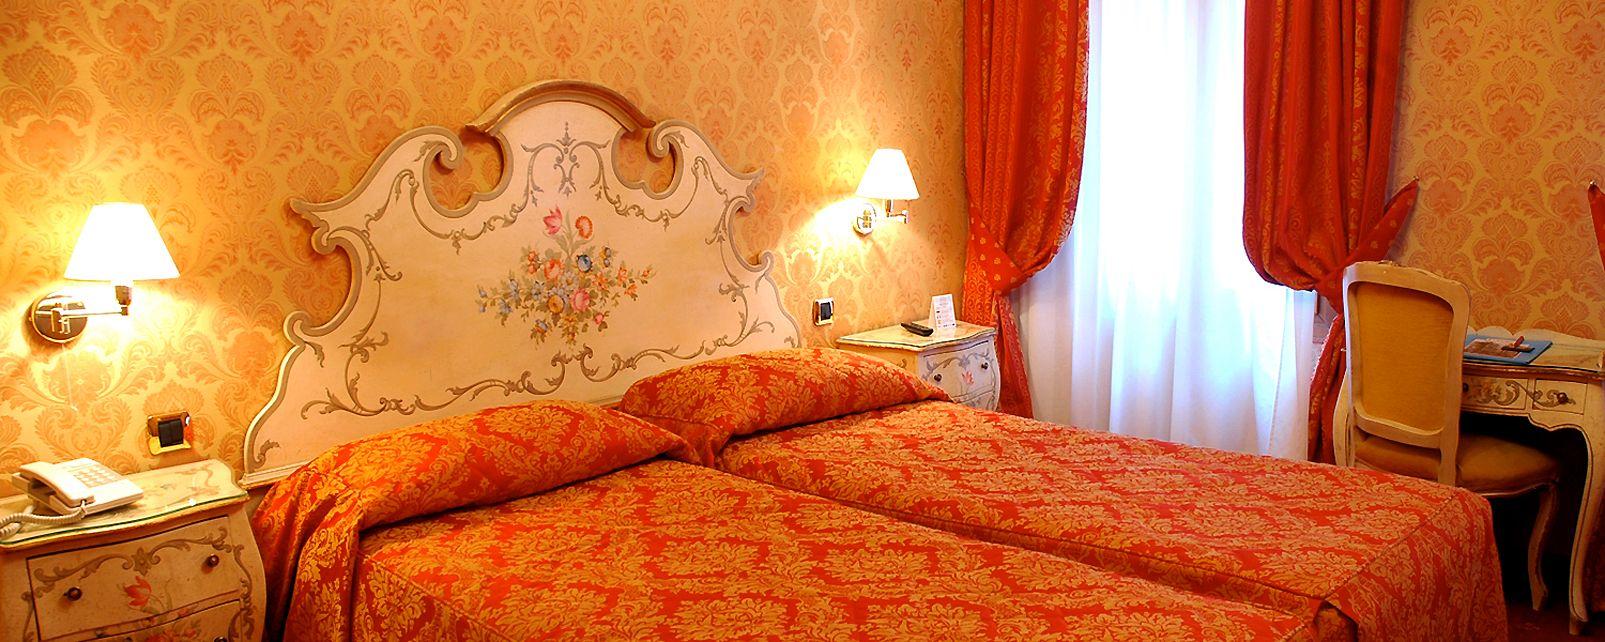 Hotel Antico Panada